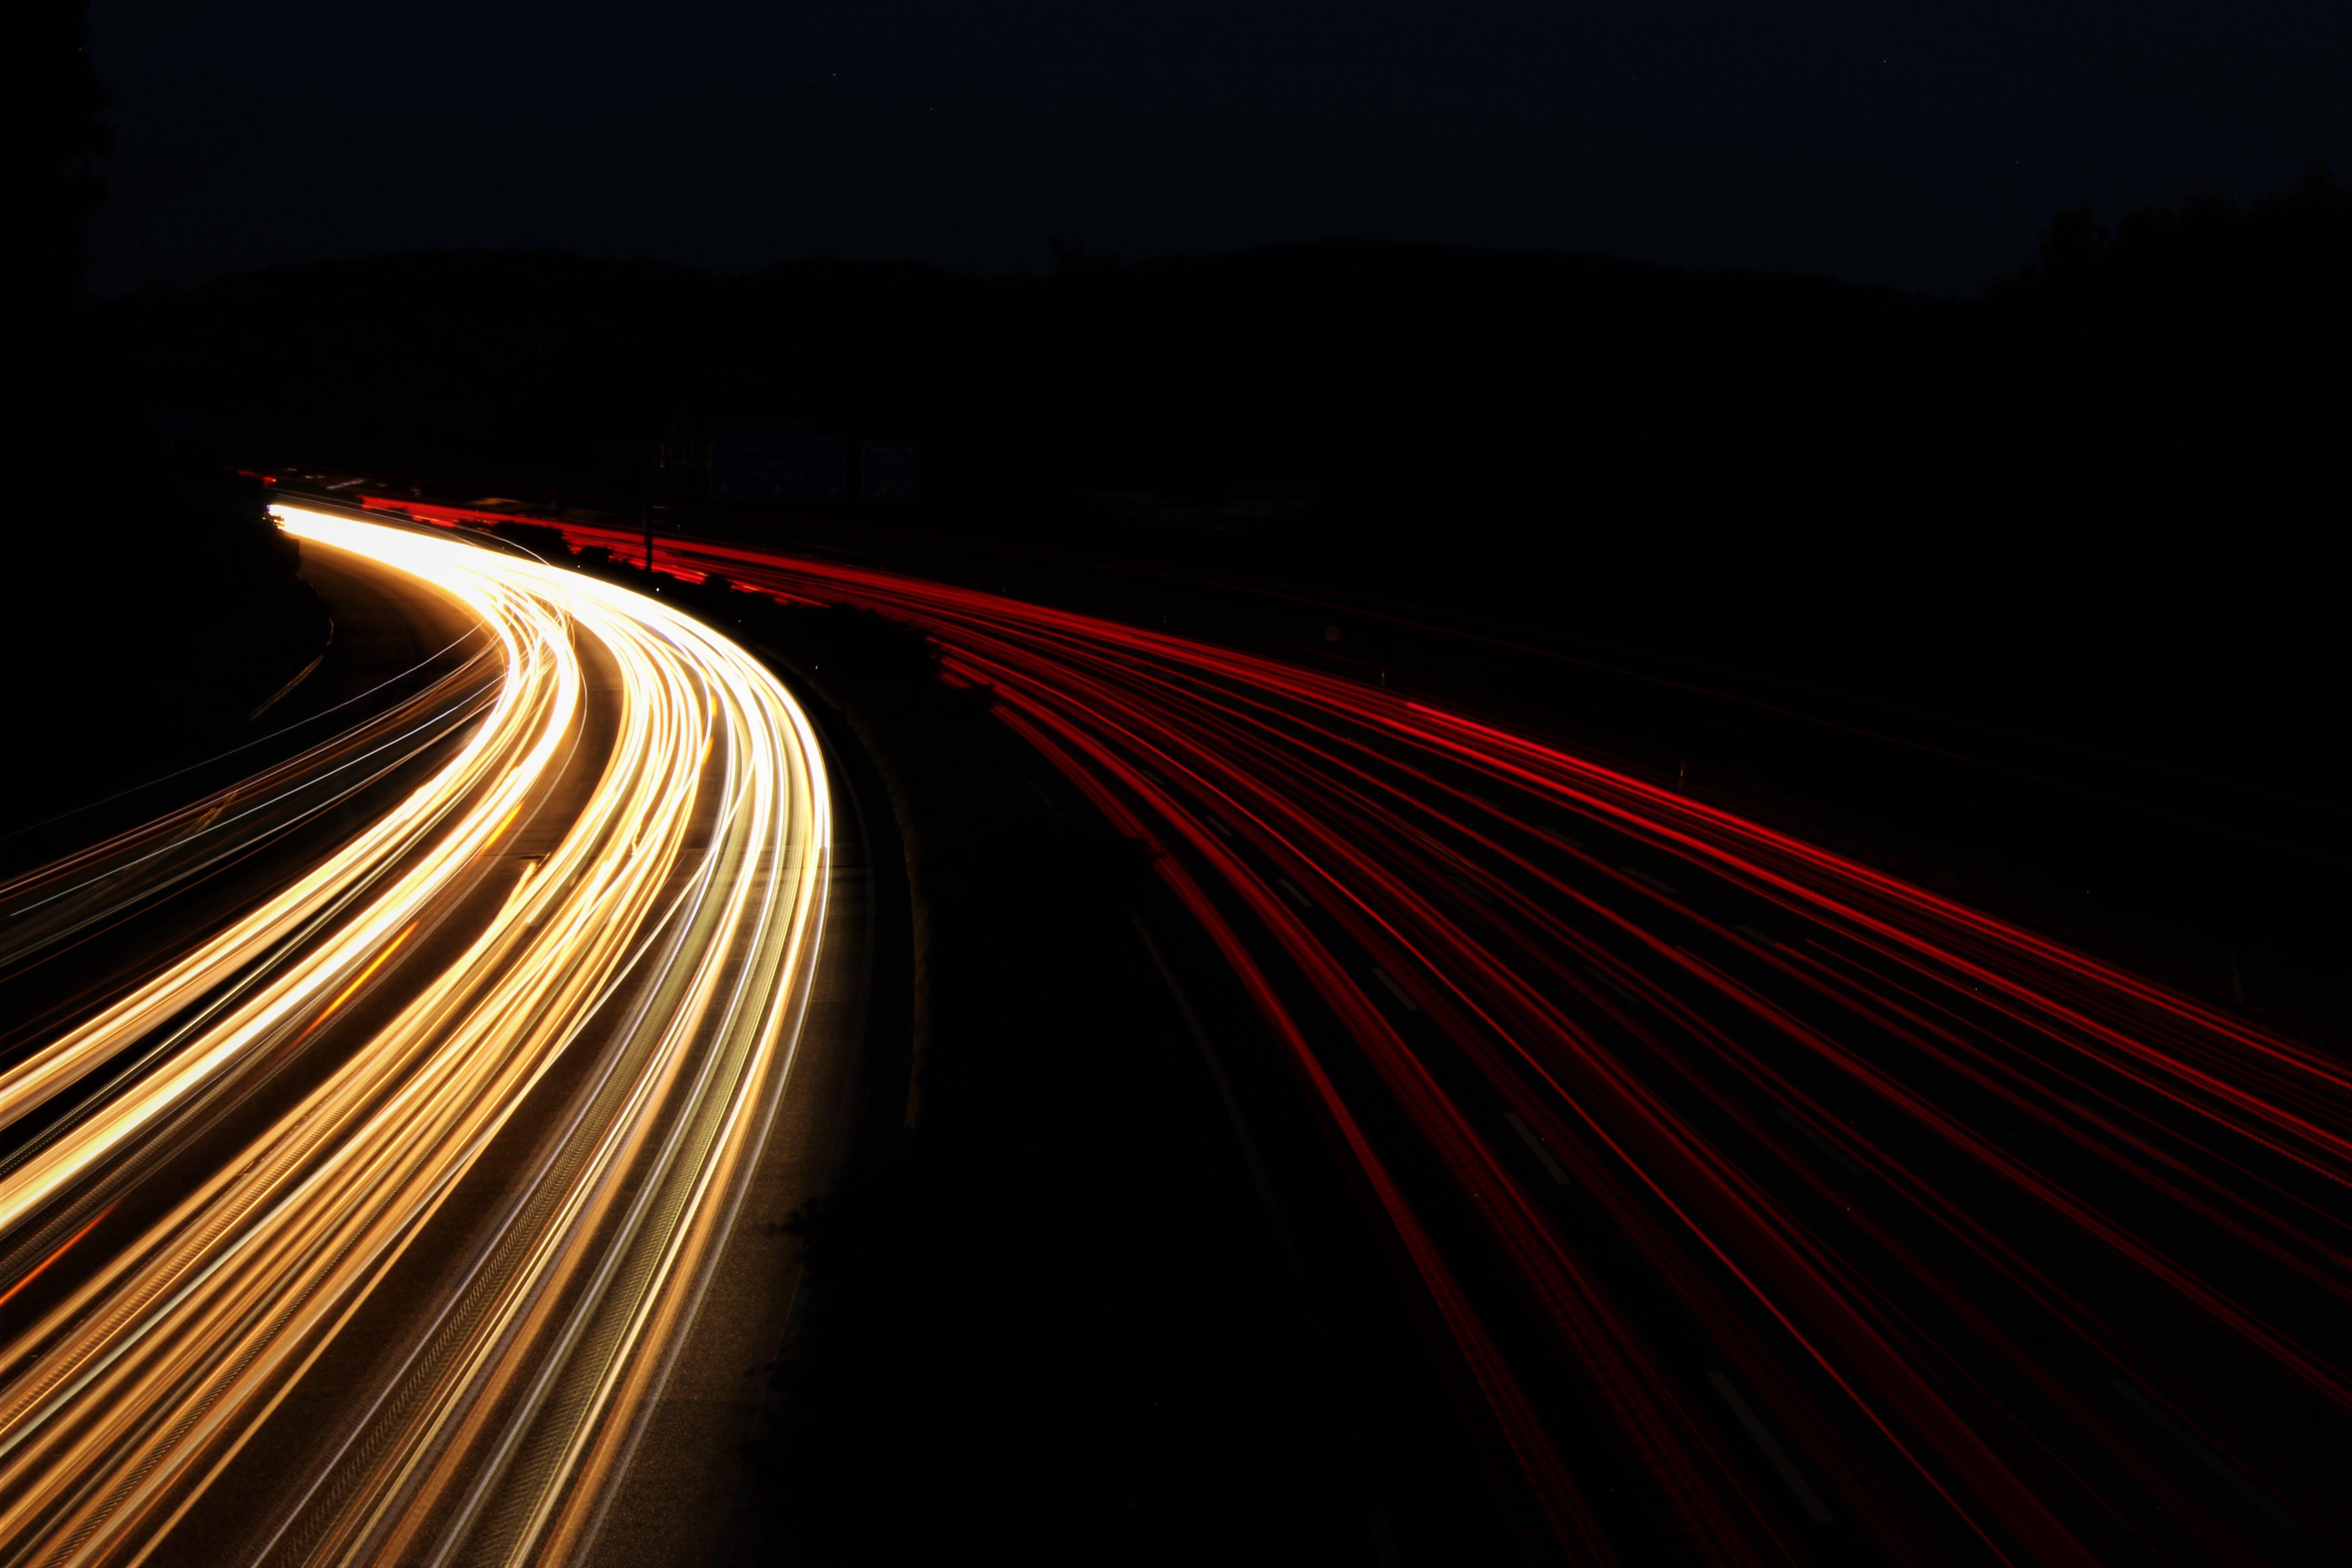 Kostenloses Stock Foto zu autobahn, autoscheinwerfer, belichtung, langzeitbelichtung